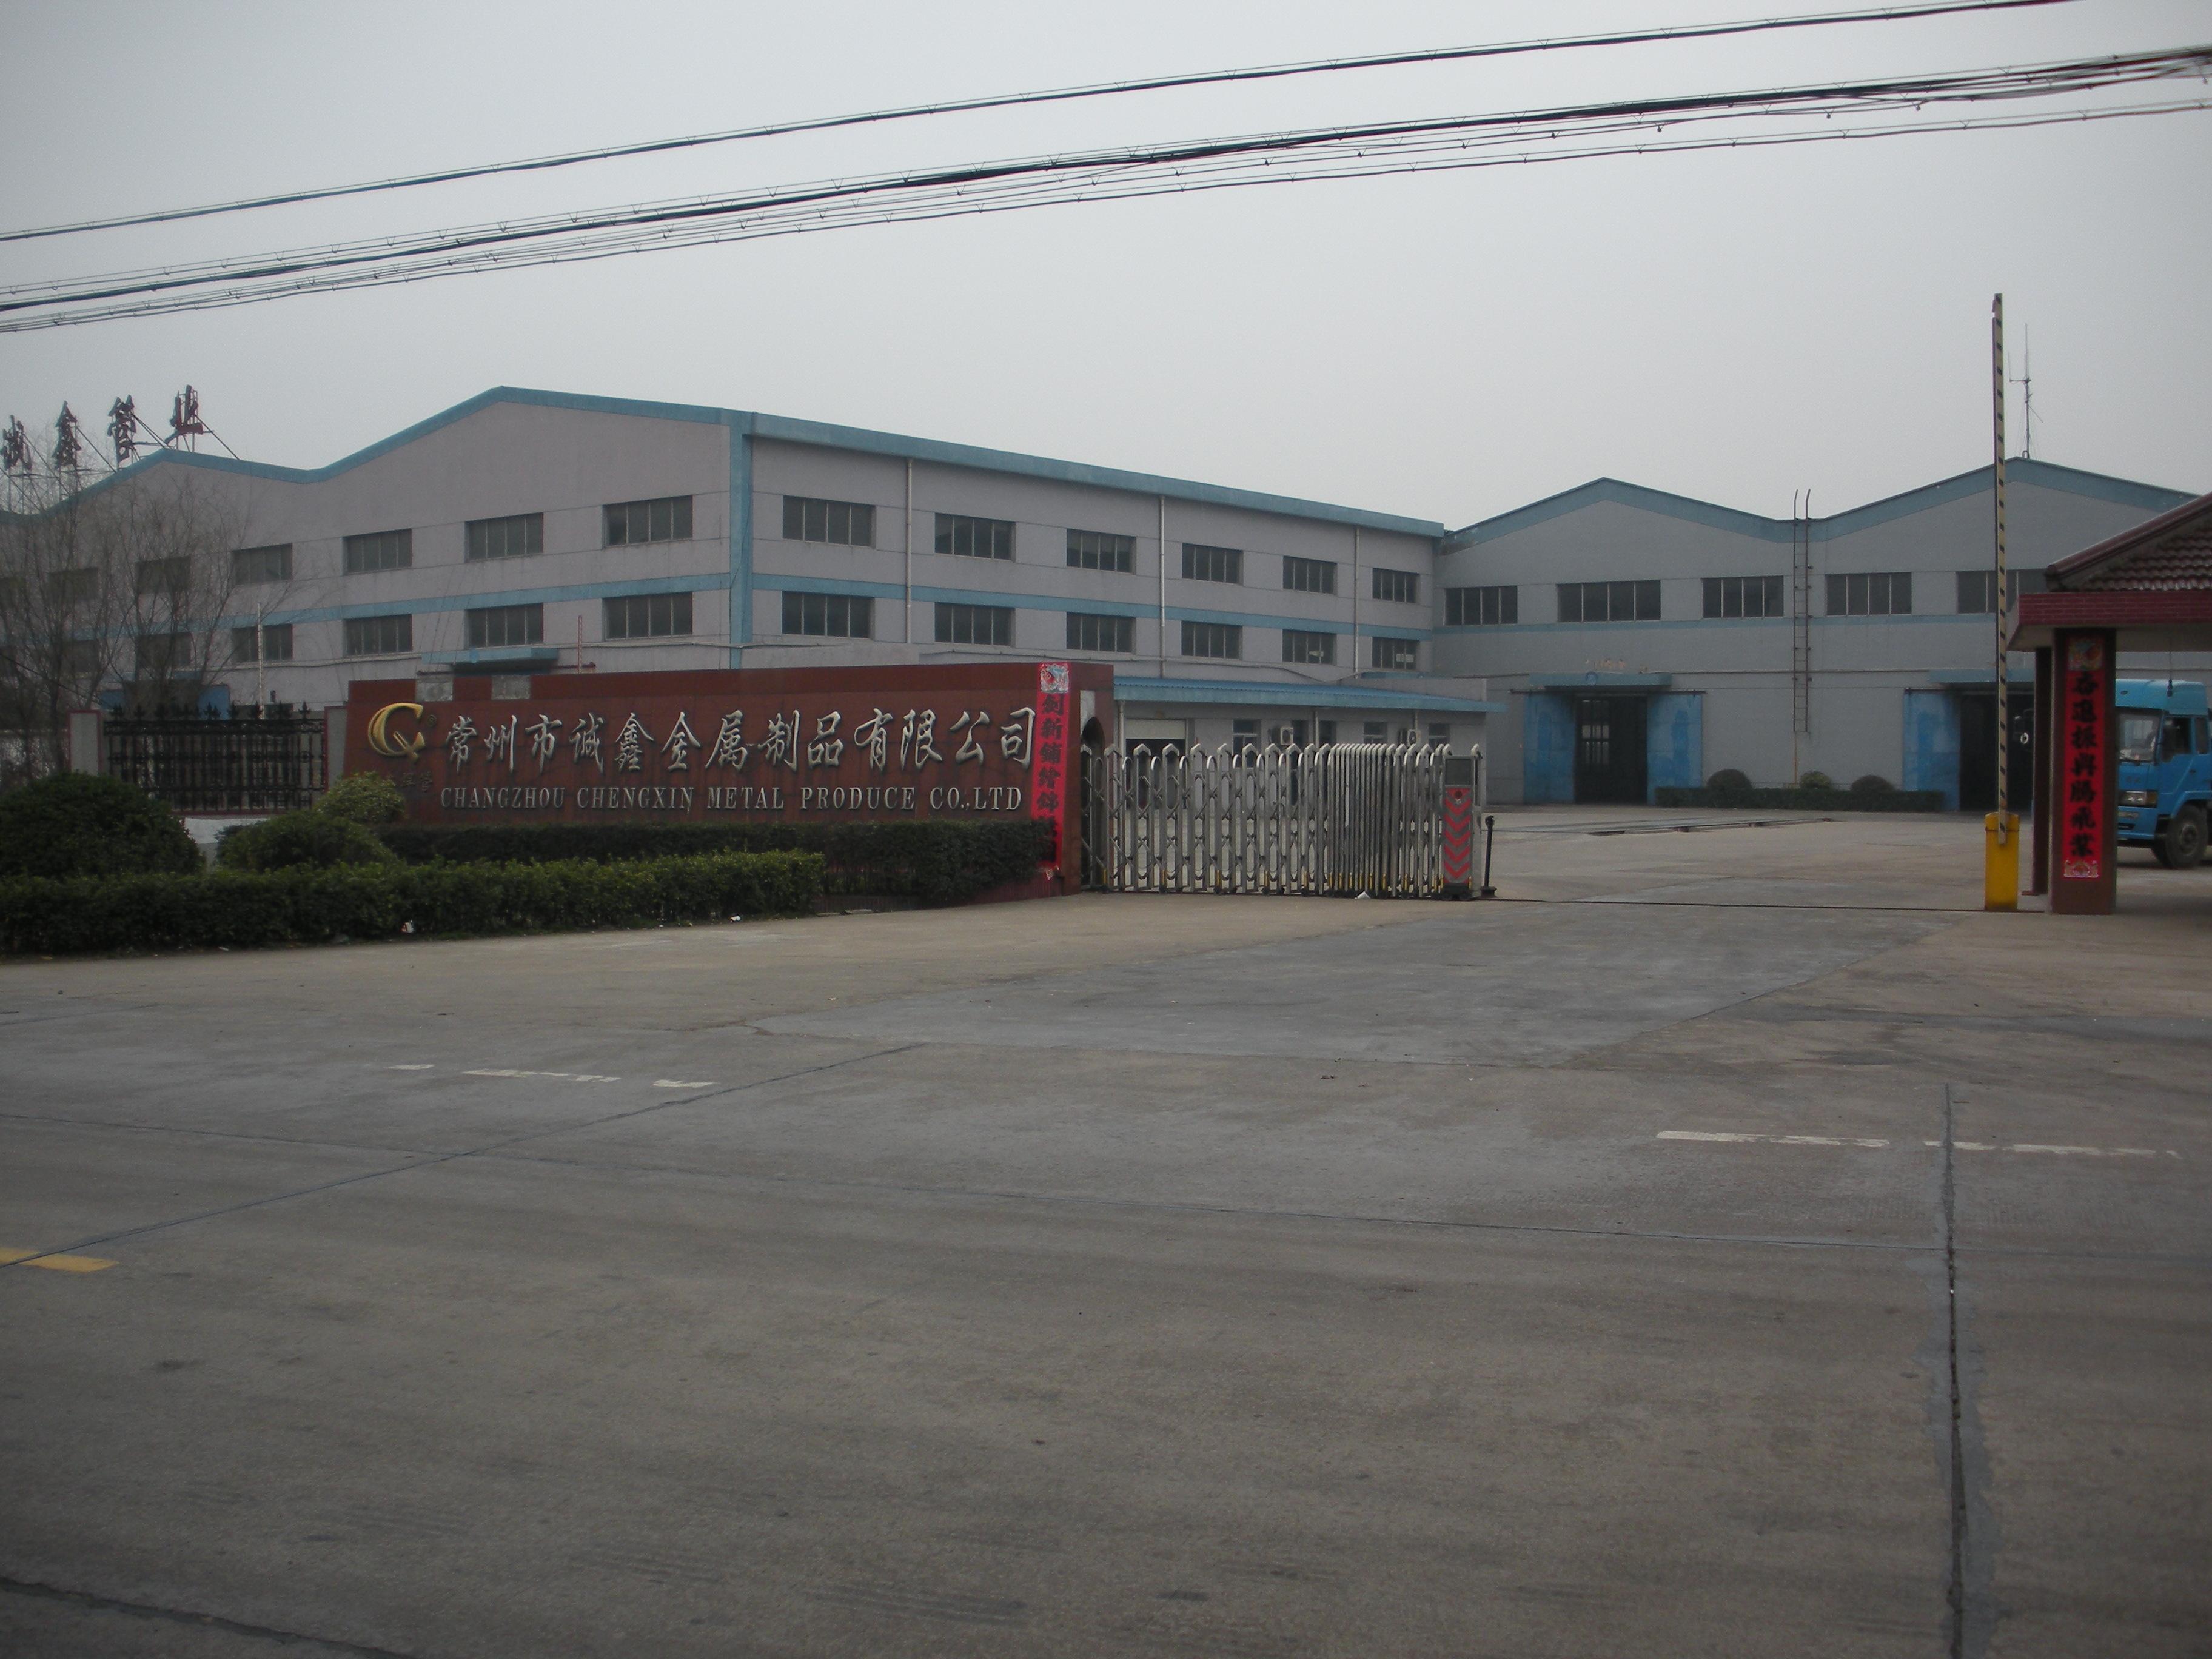 Changzhou Chengxin Metal Products Co.,Ltd Main Image